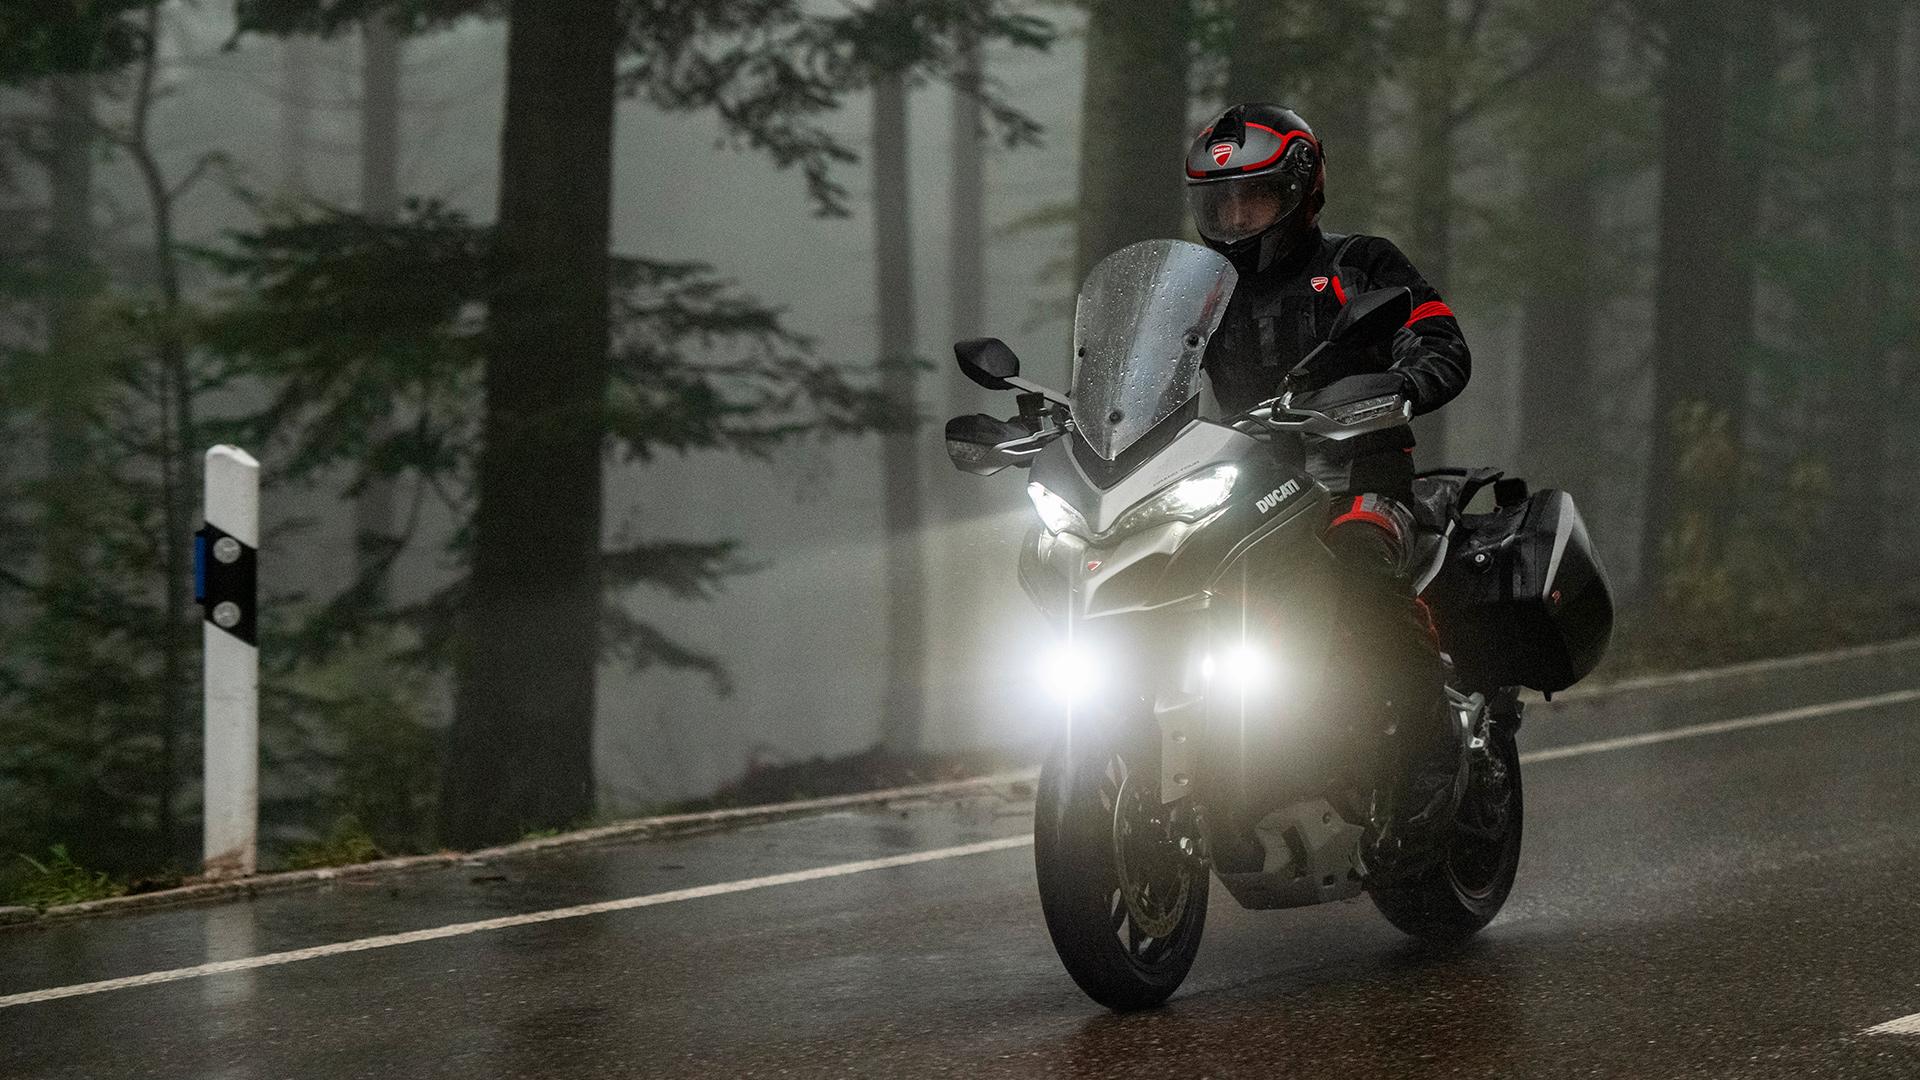 2020 Ducati Multistrada 1260 S Grand Tour